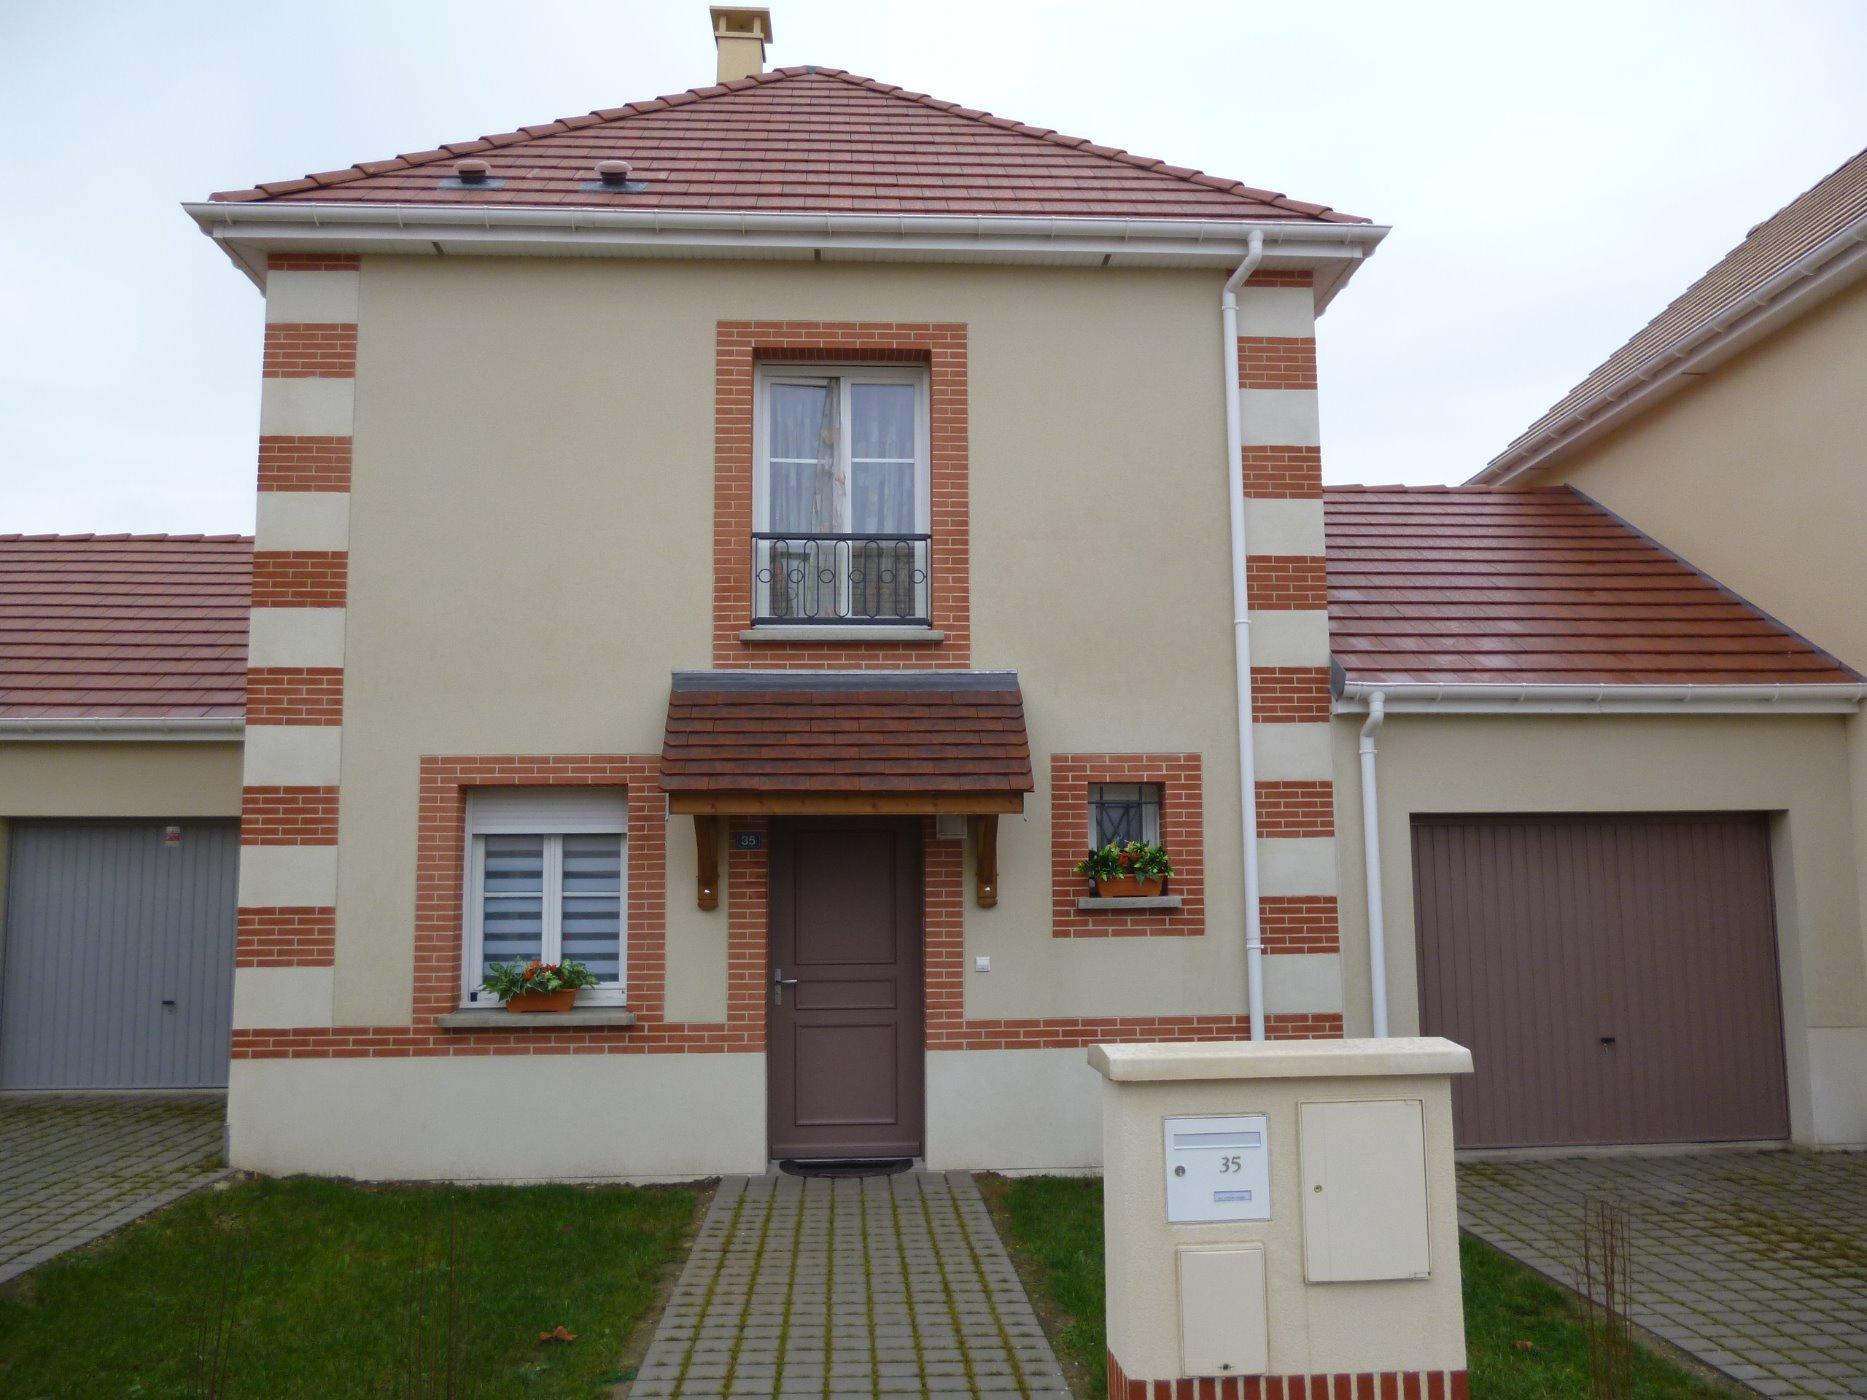 Maison ermont eaubonne top with maison ermont eaubonne for Achat maison ermont